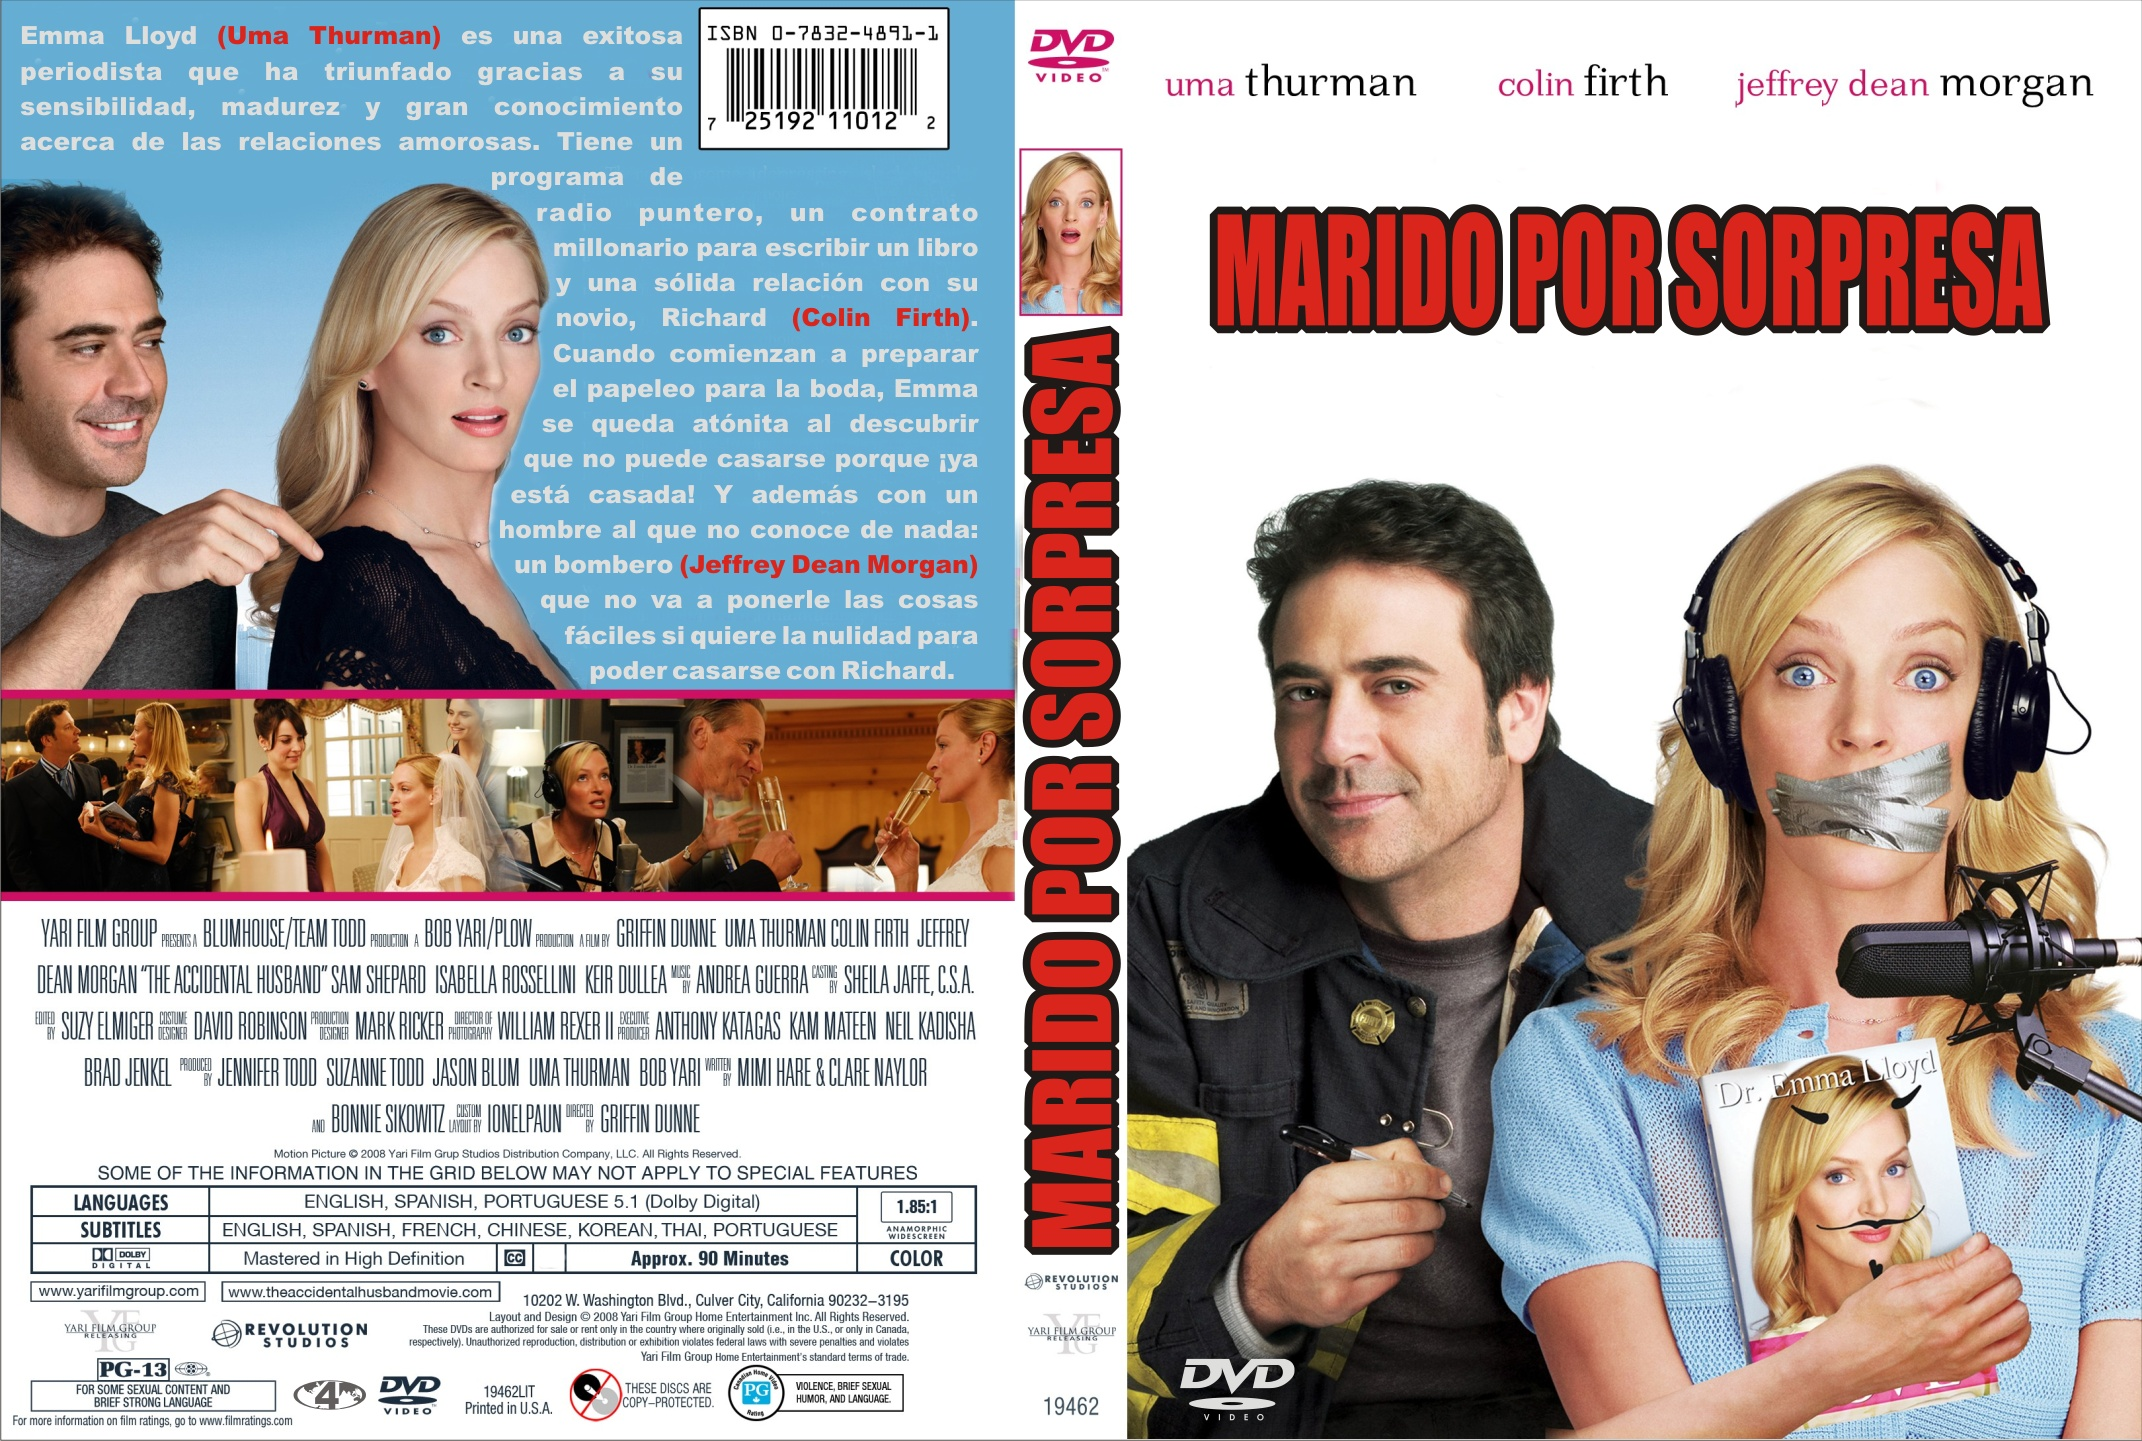 Matrimonio Accidente Sinopsis : Marido por sorpresa region dvd jovihi infi